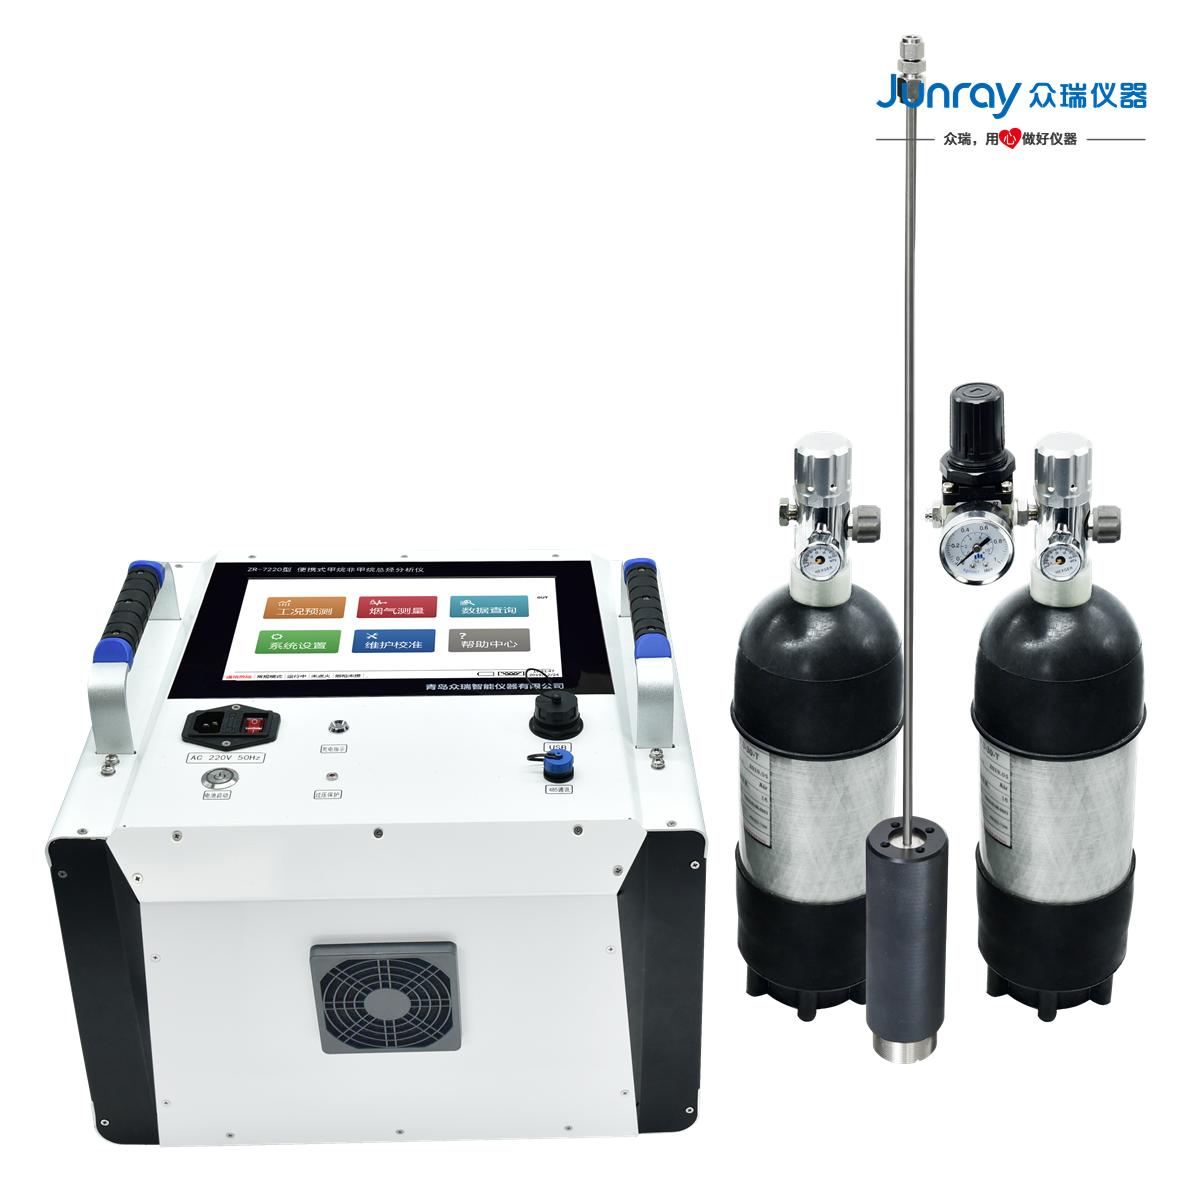 太阳成_便携式甲烷非甲烷总烃分析仪